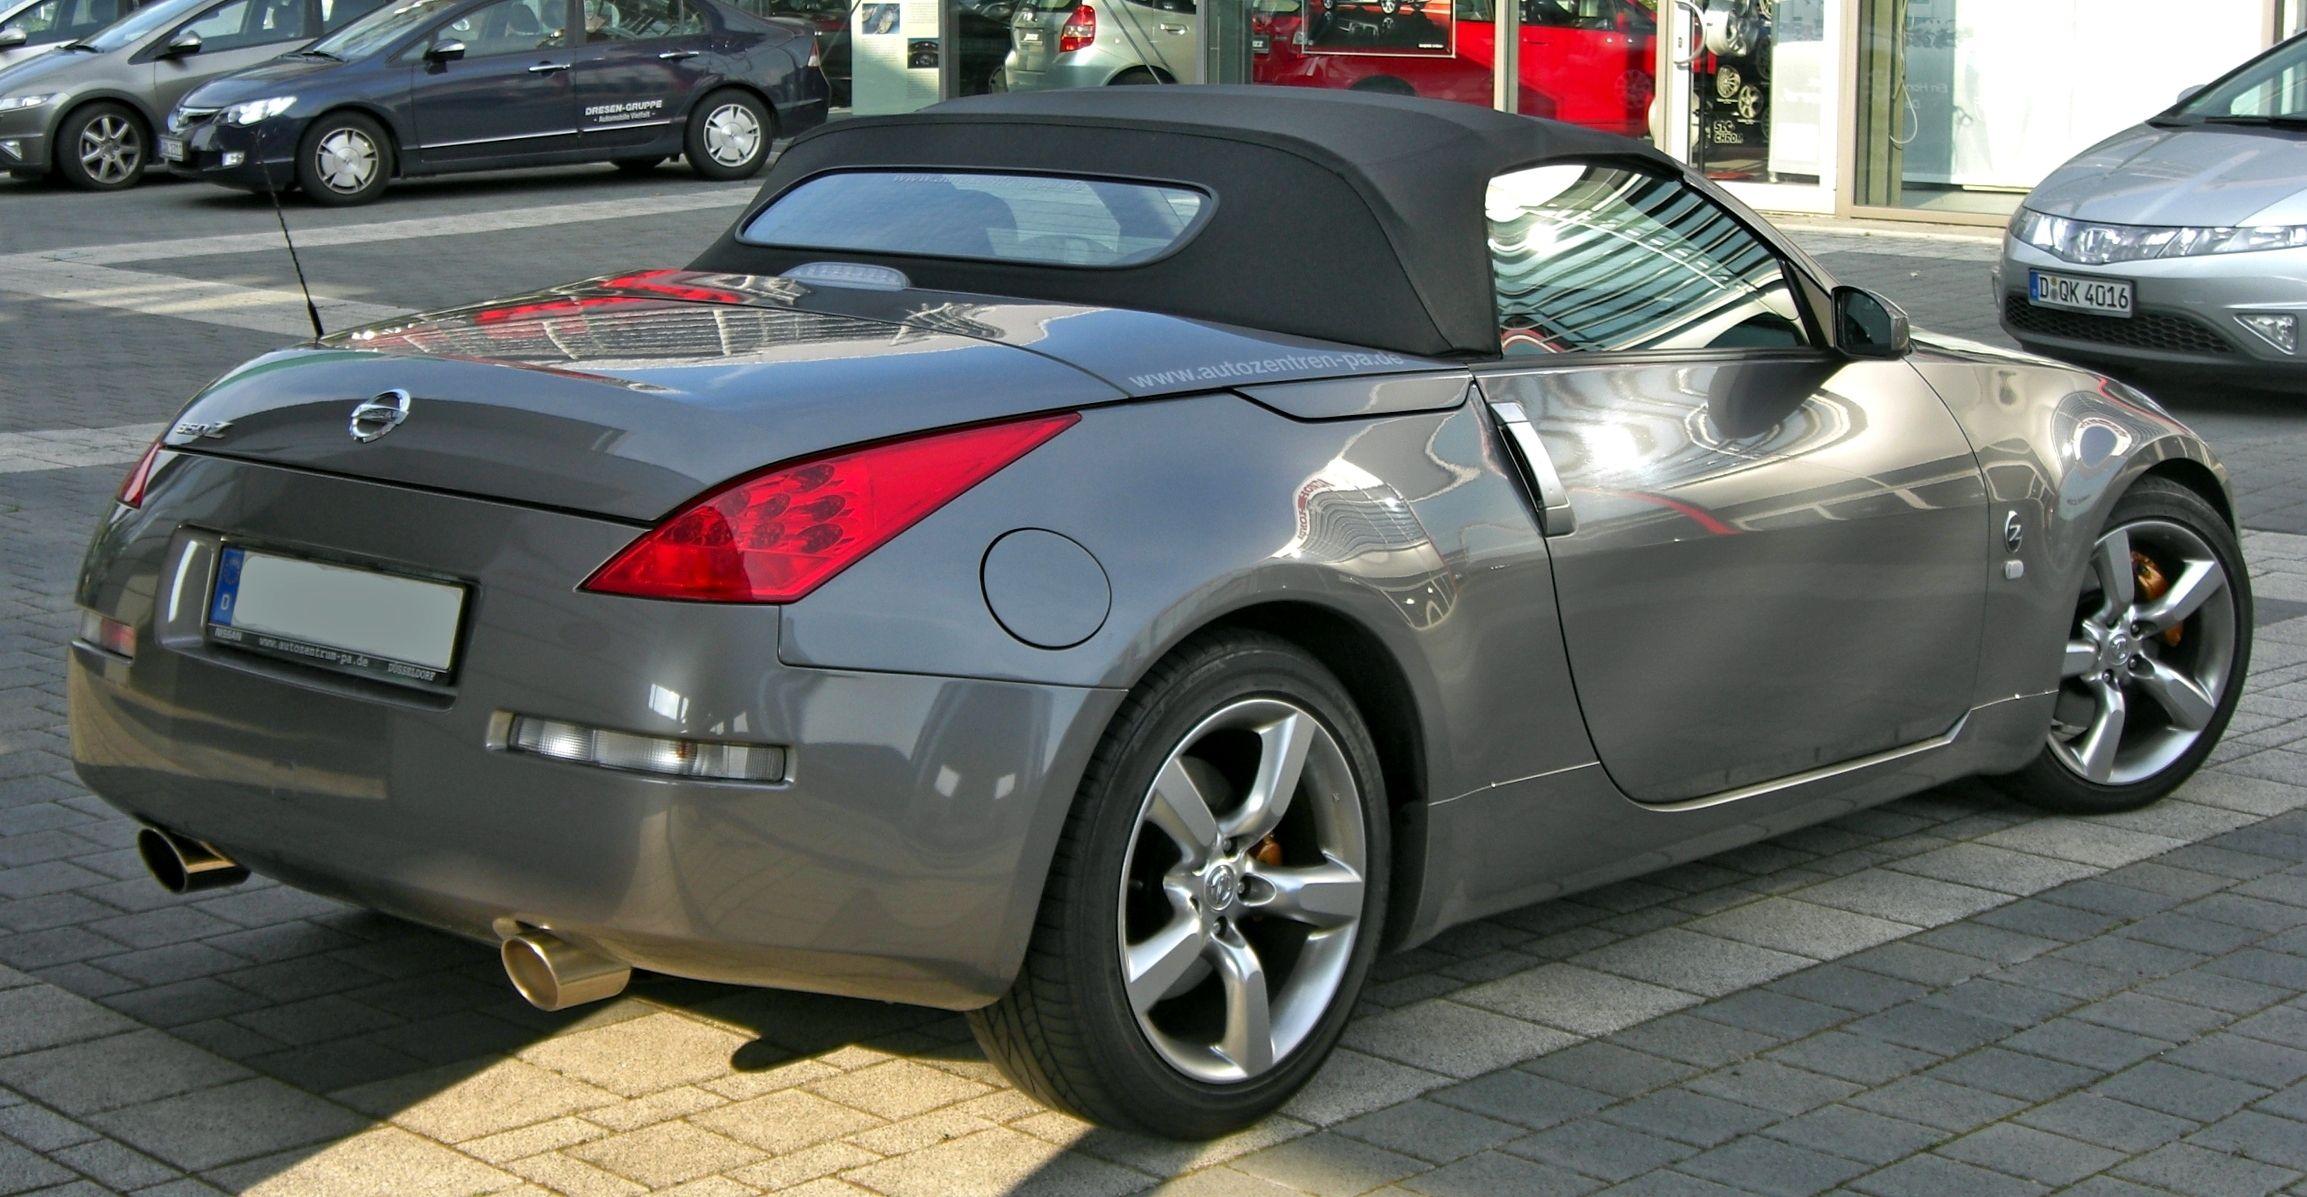 350z nissan roadster recherche google motor pinterest nissan rh pinterest com